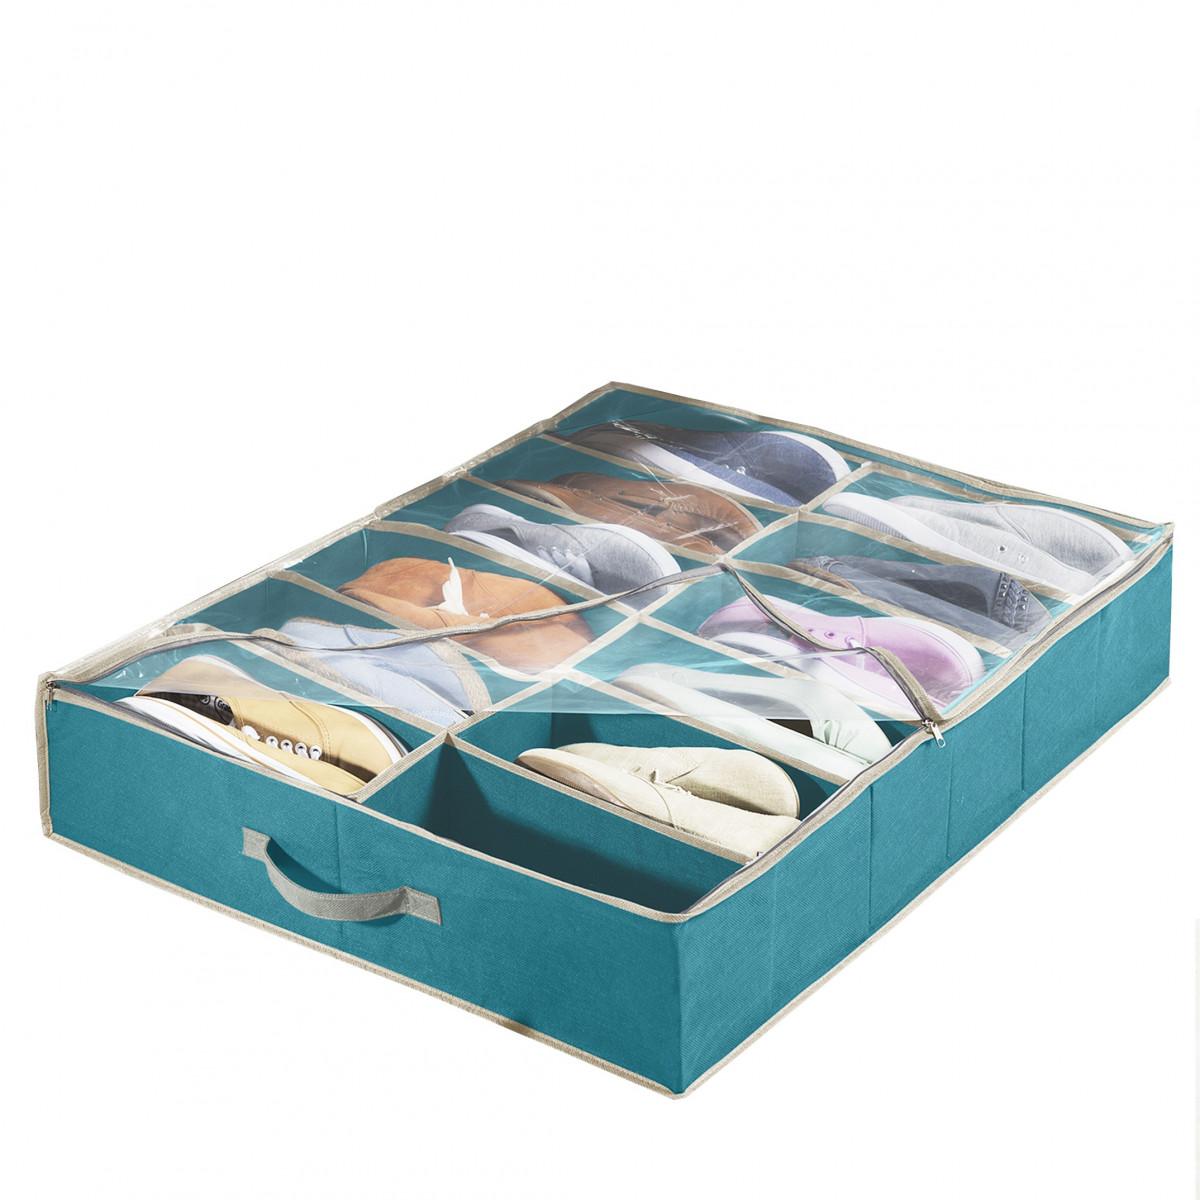 Rangement de chaussures coloriage - Rangement chaussures sous lit ...